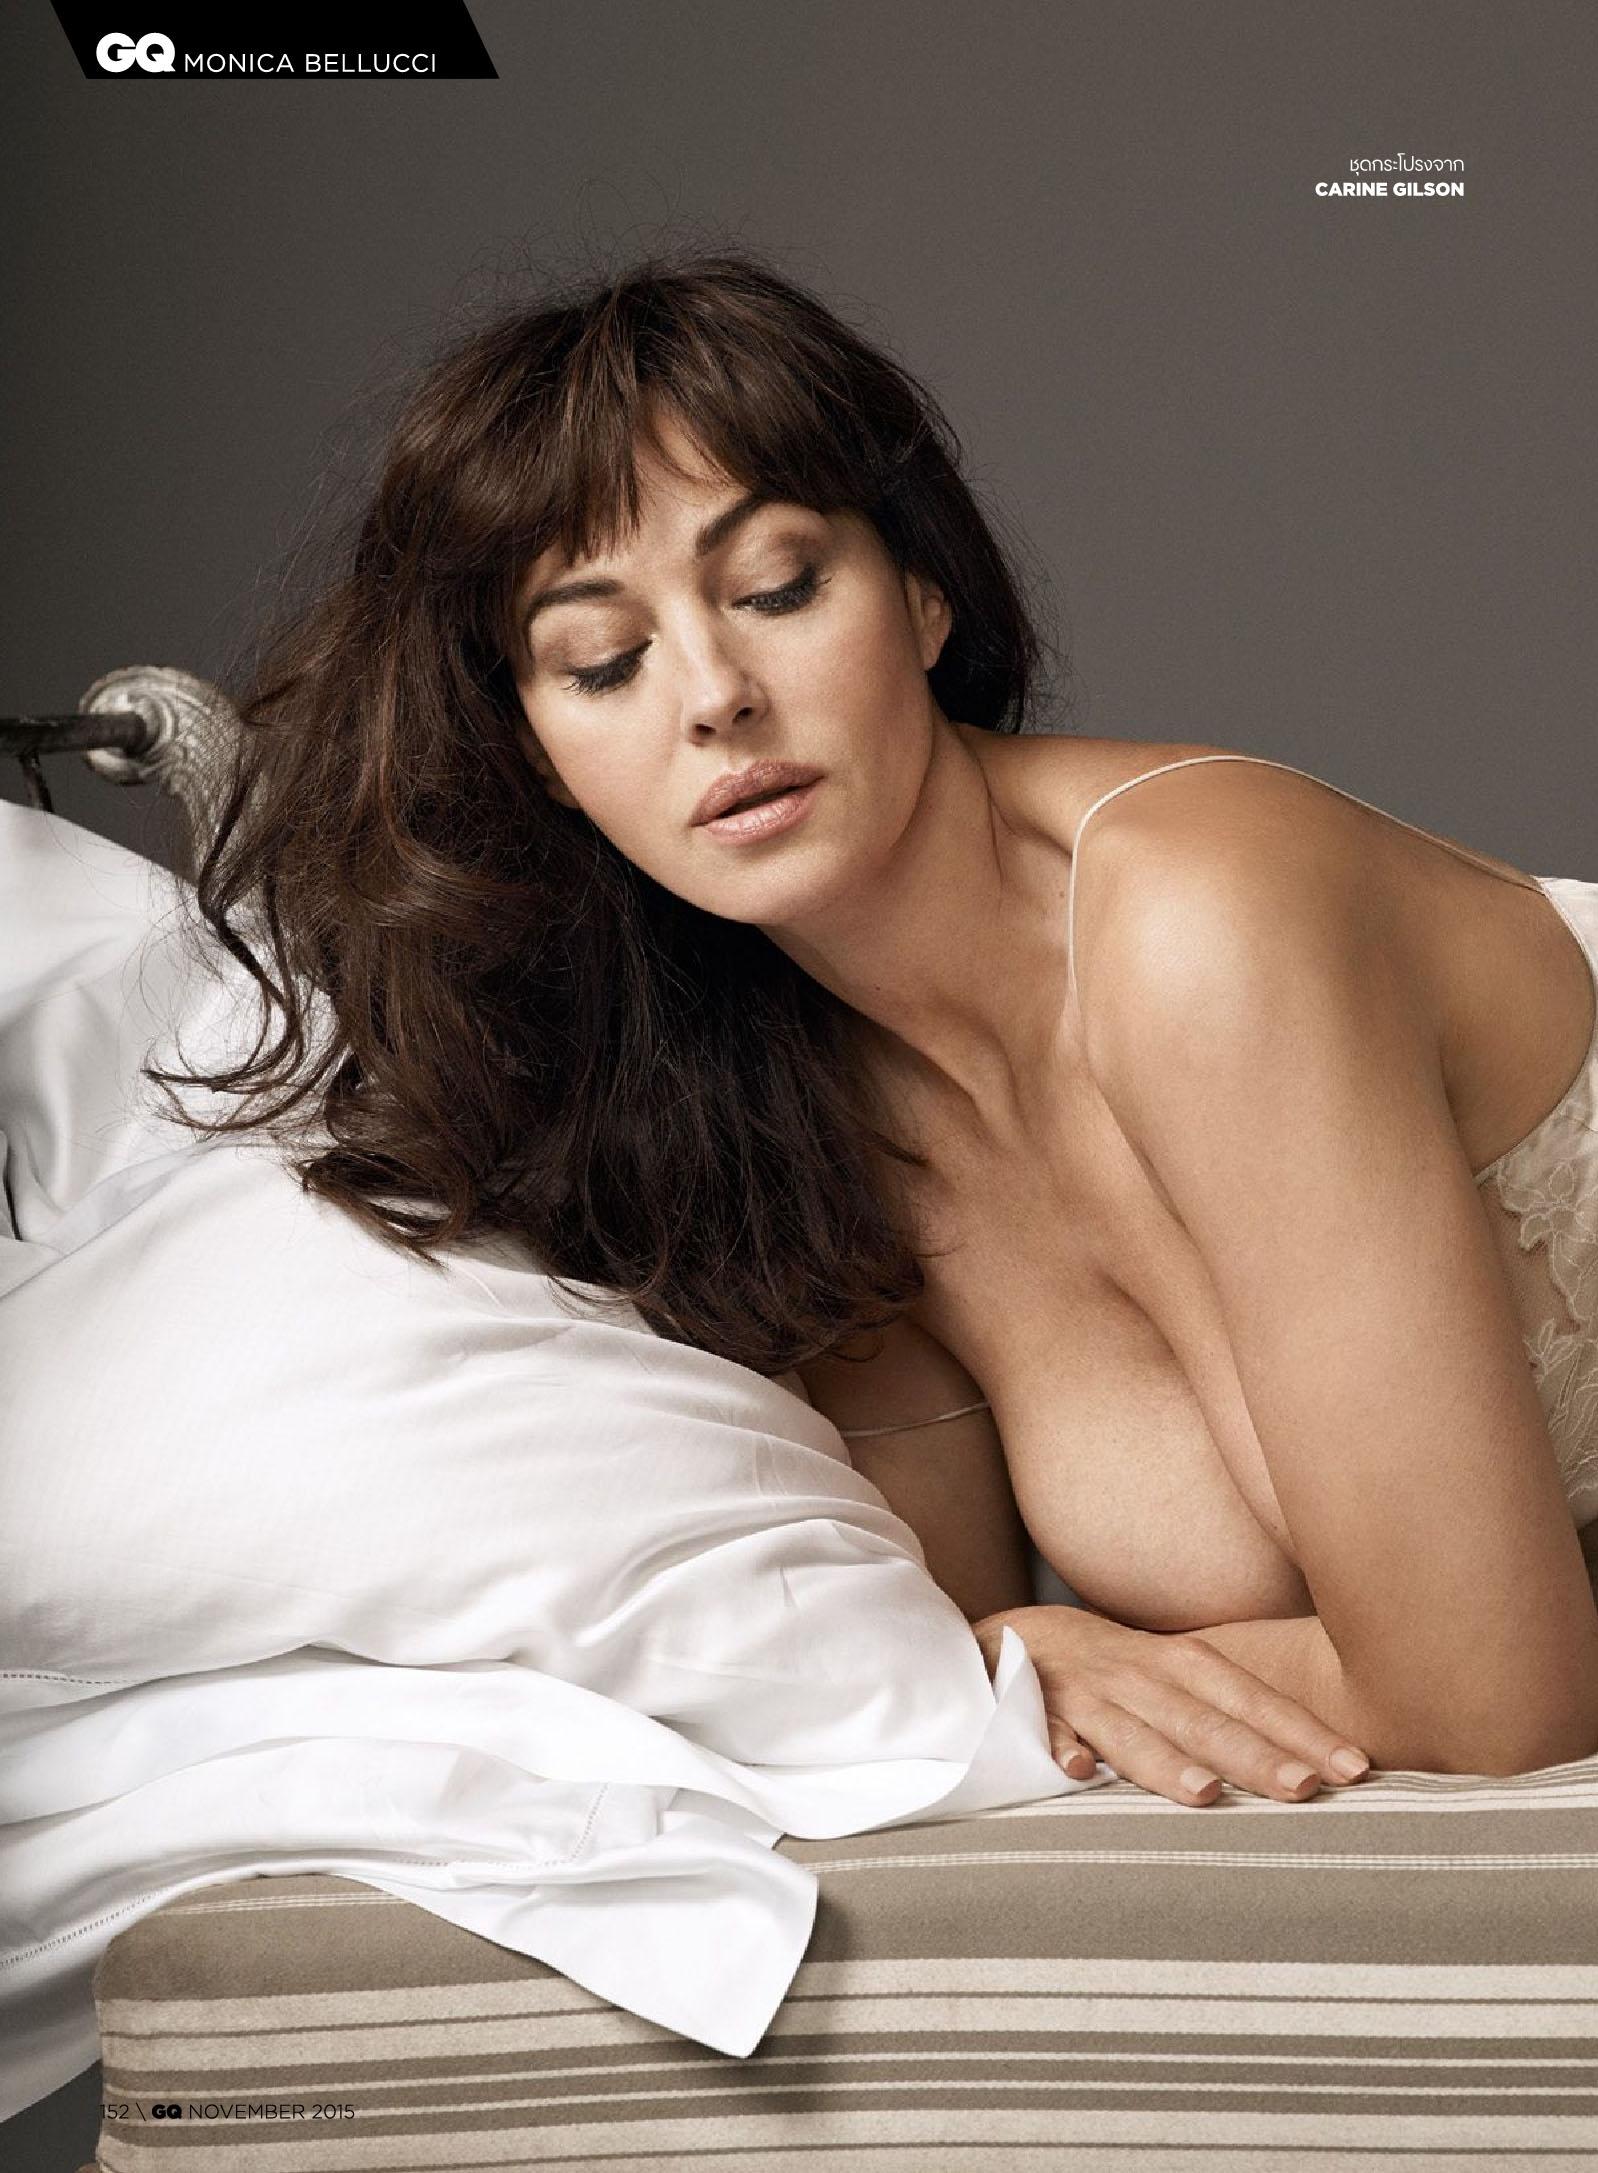 nude monica Anna bellucci maria